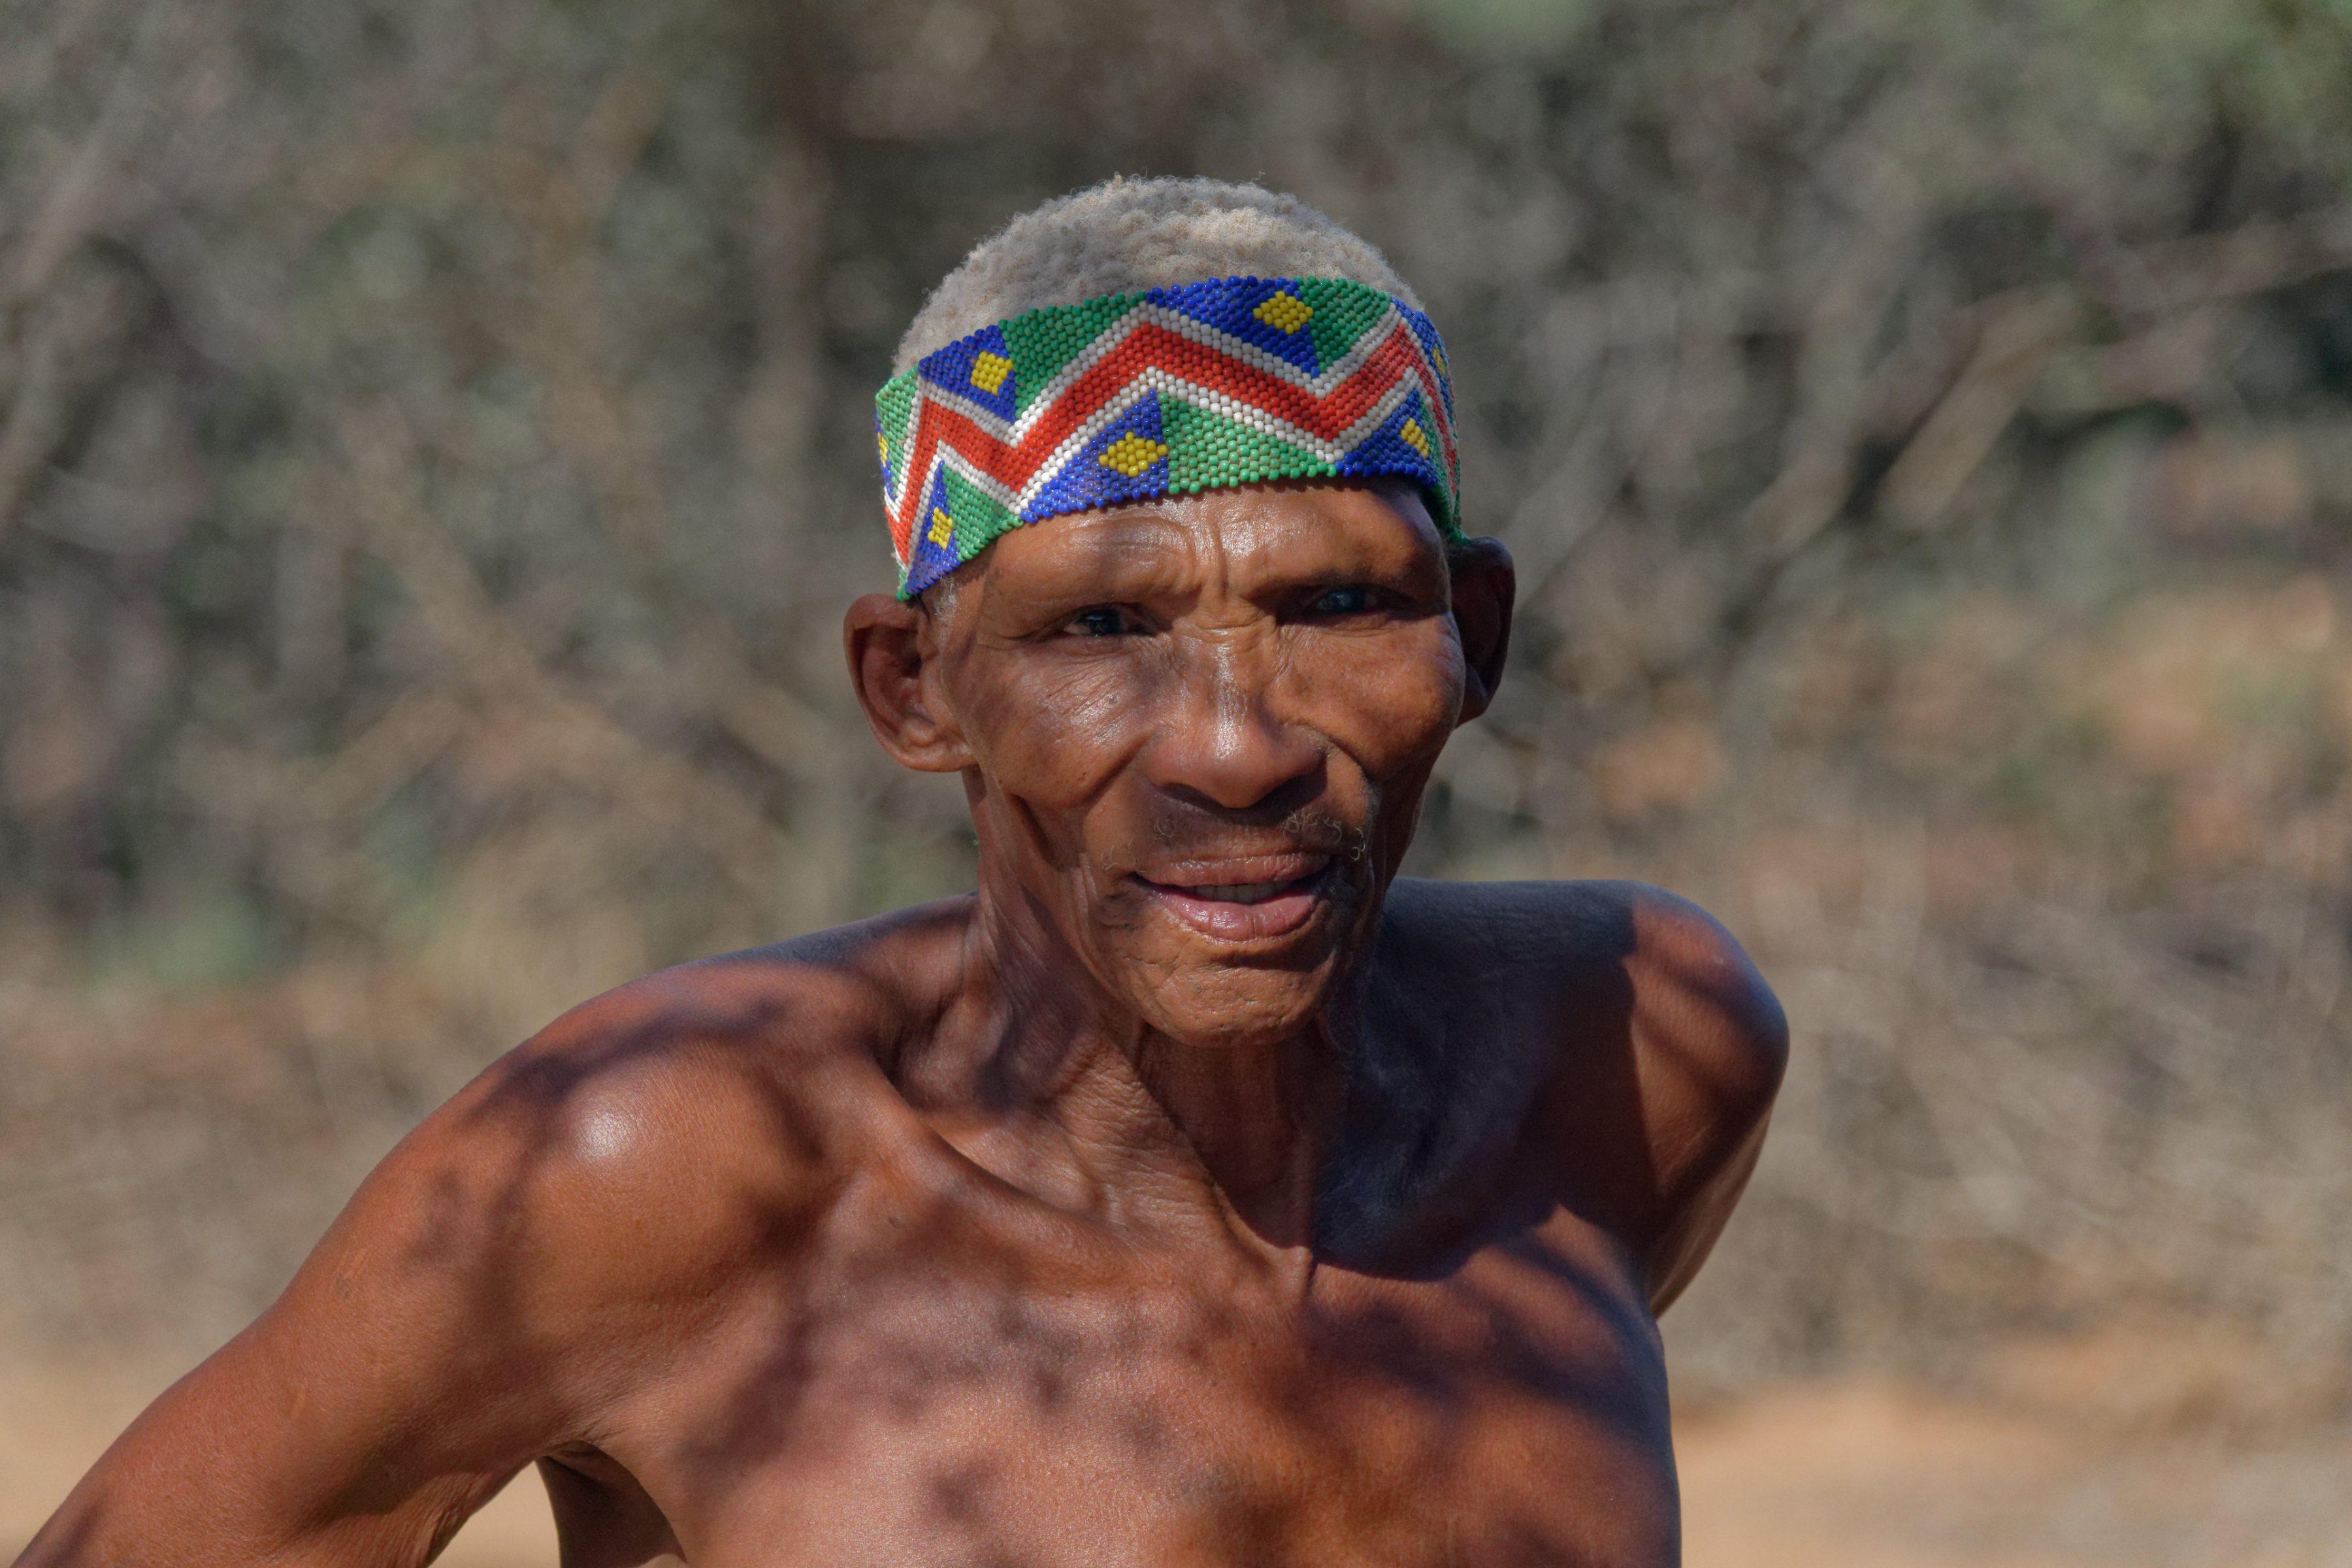 Namibie-2019-04-22, 15h18mn18s - S_2206_blog